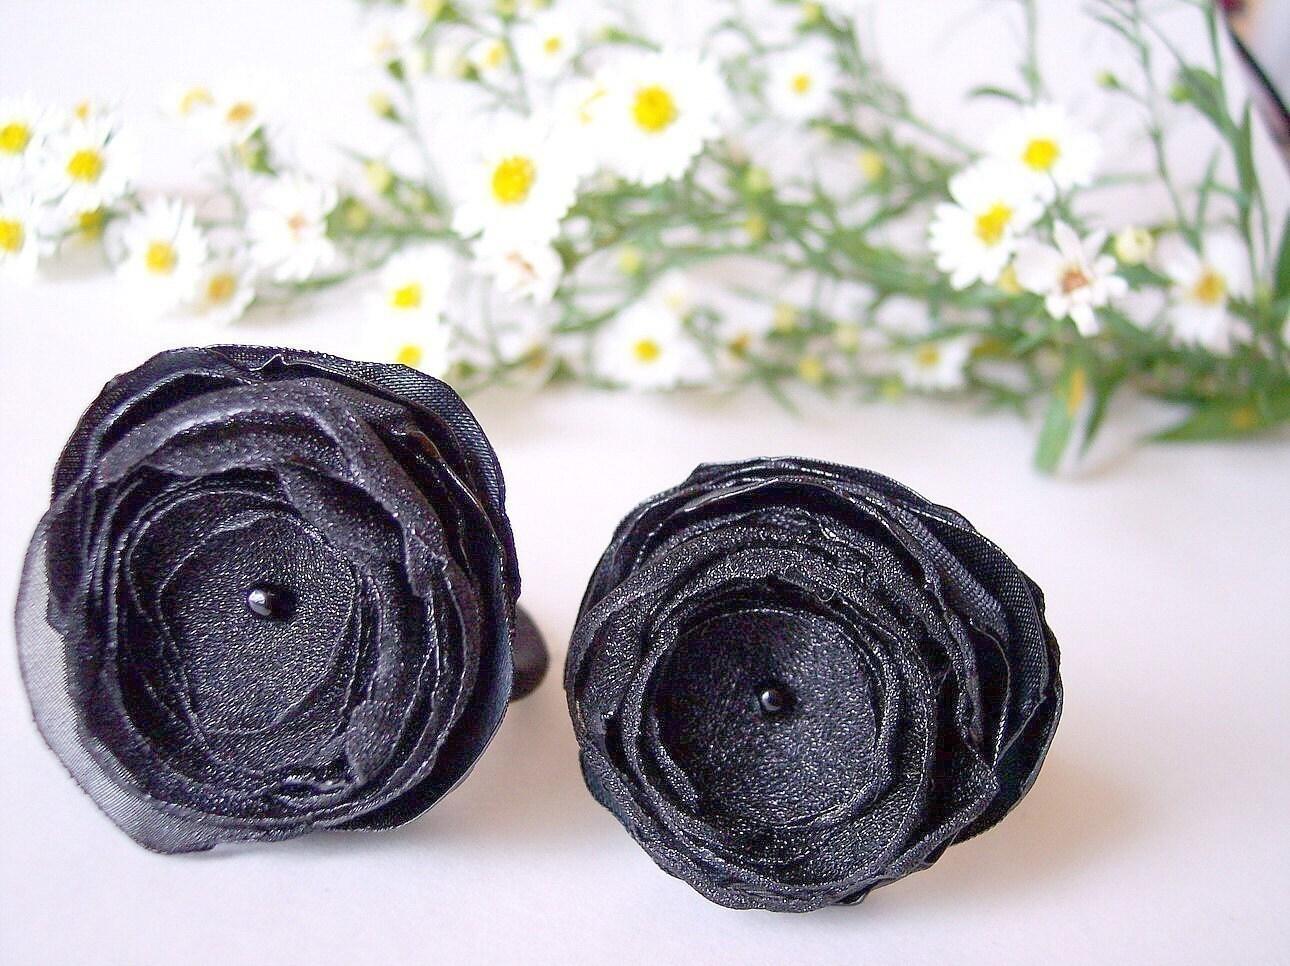 Ponytail держателей ручной работы атласа и органзы цвета BLACK - набор 2шт